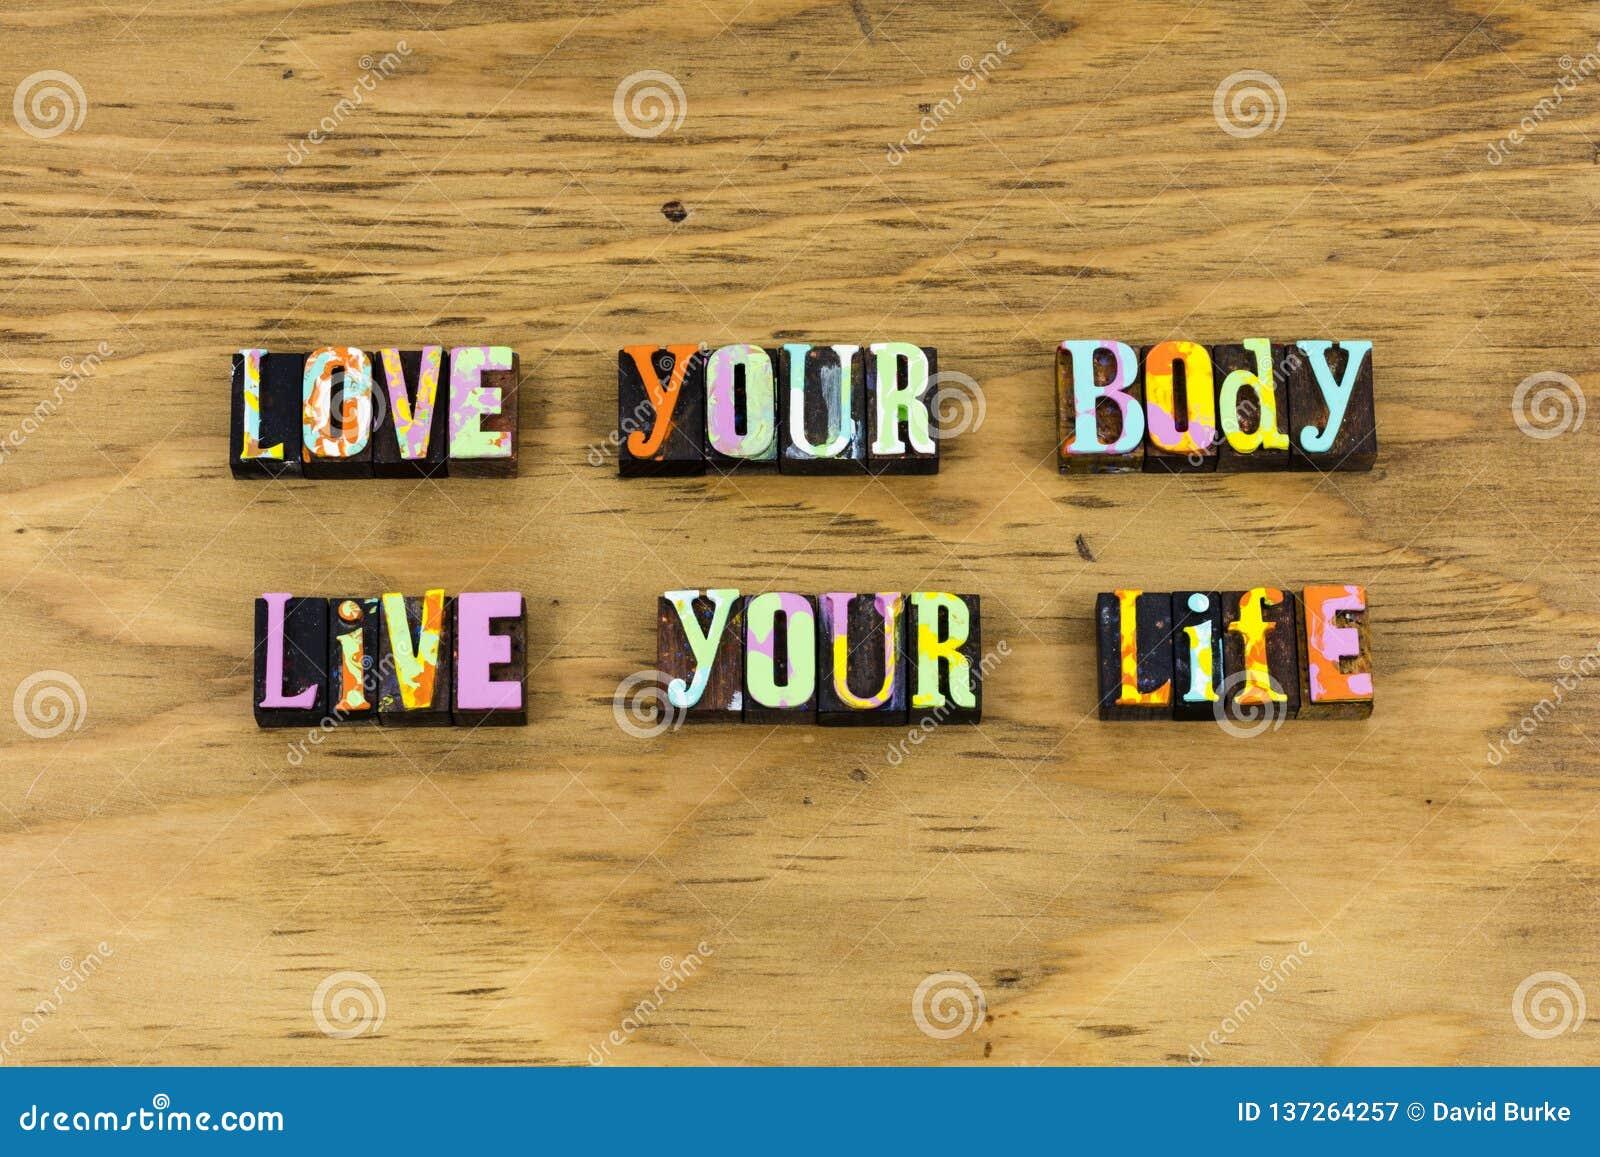 Love body life positive beauty letterpress